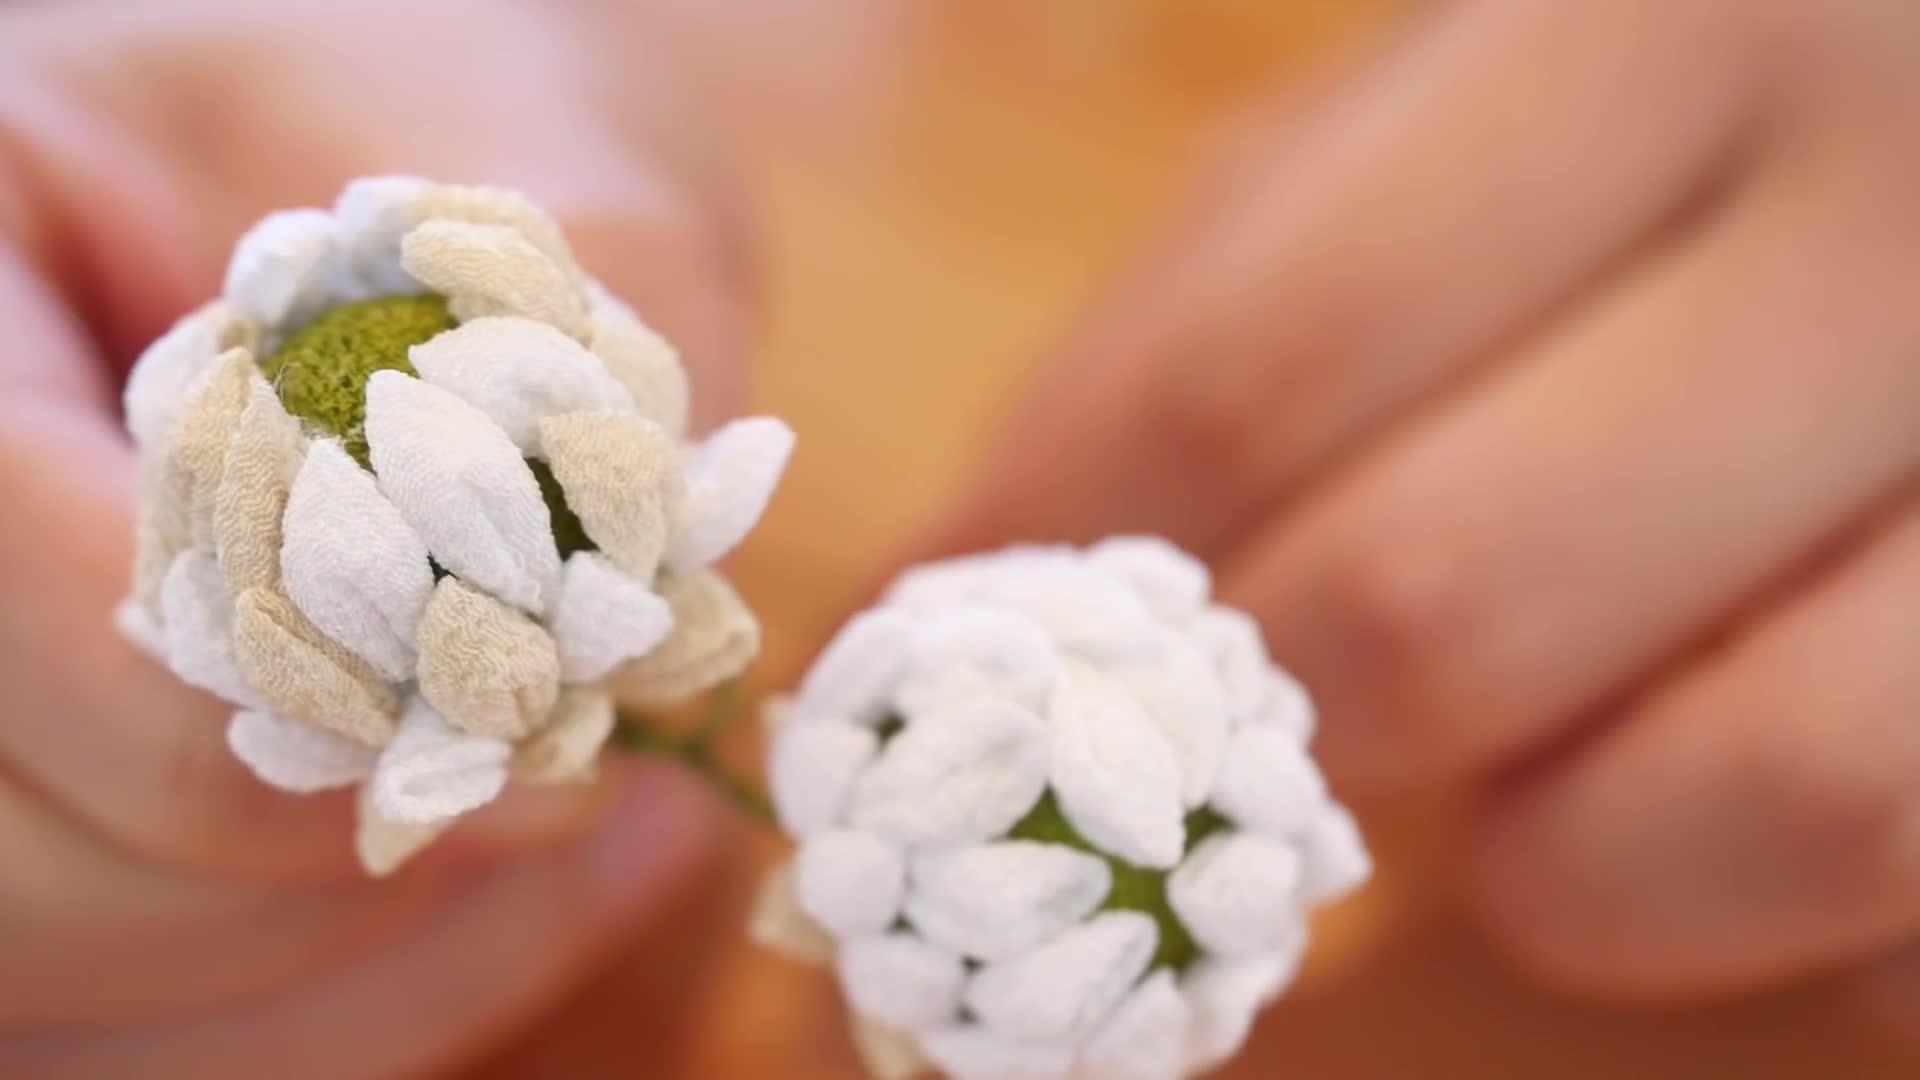 和风布花:白三叶草花冠diy手工制作视频教程